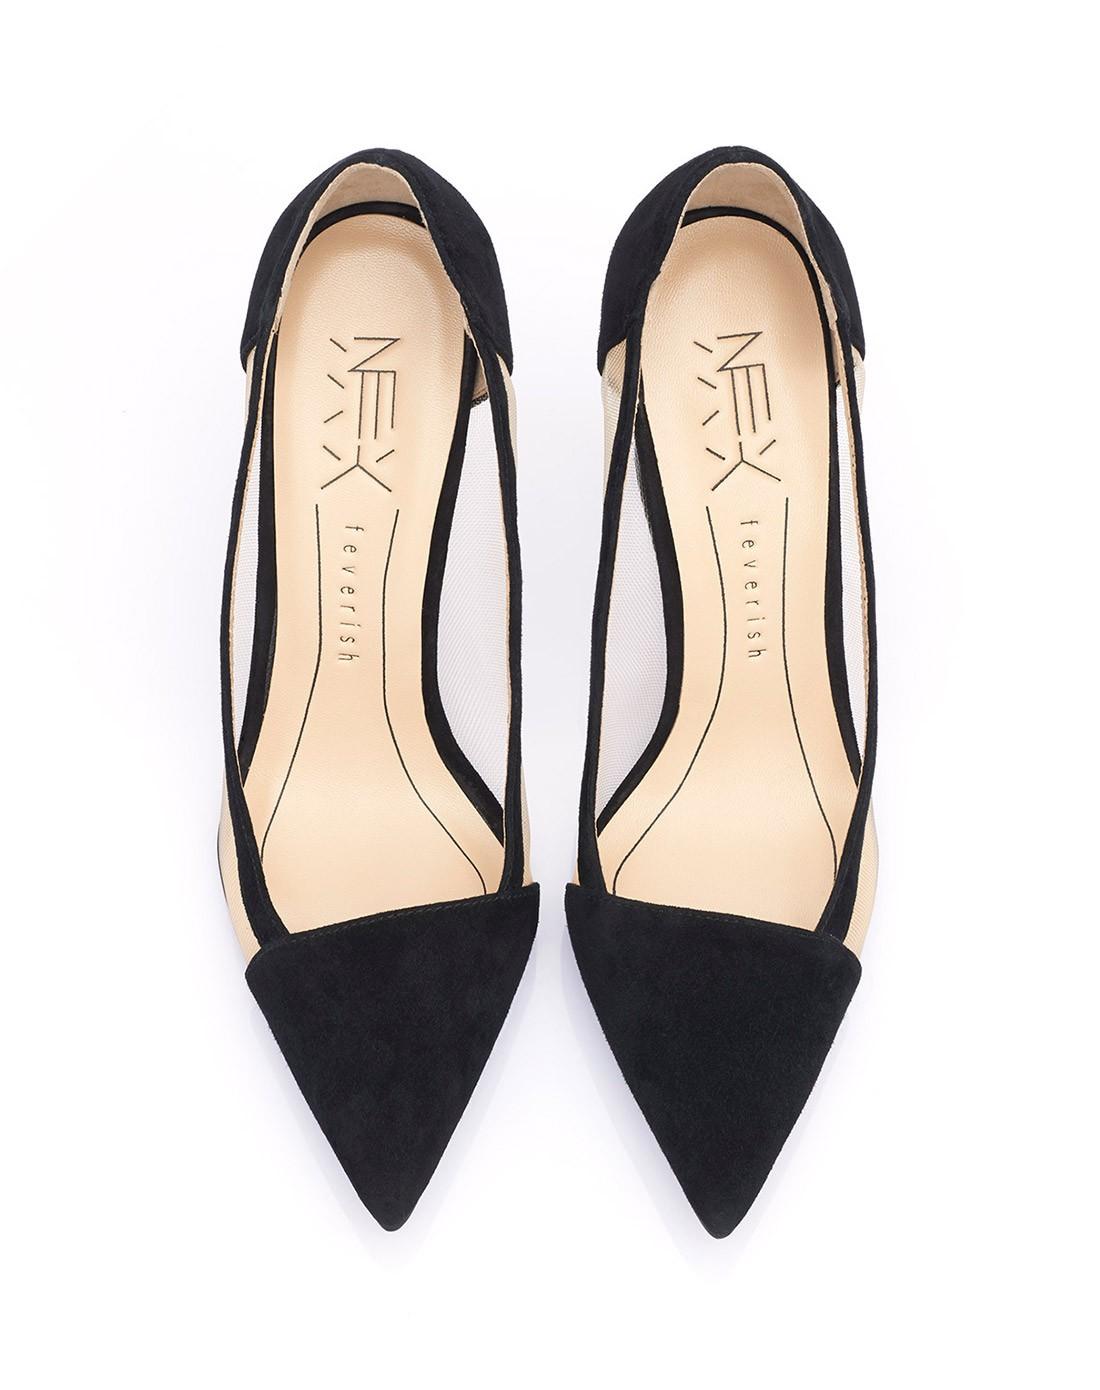 丝网高跟鞋ab15x